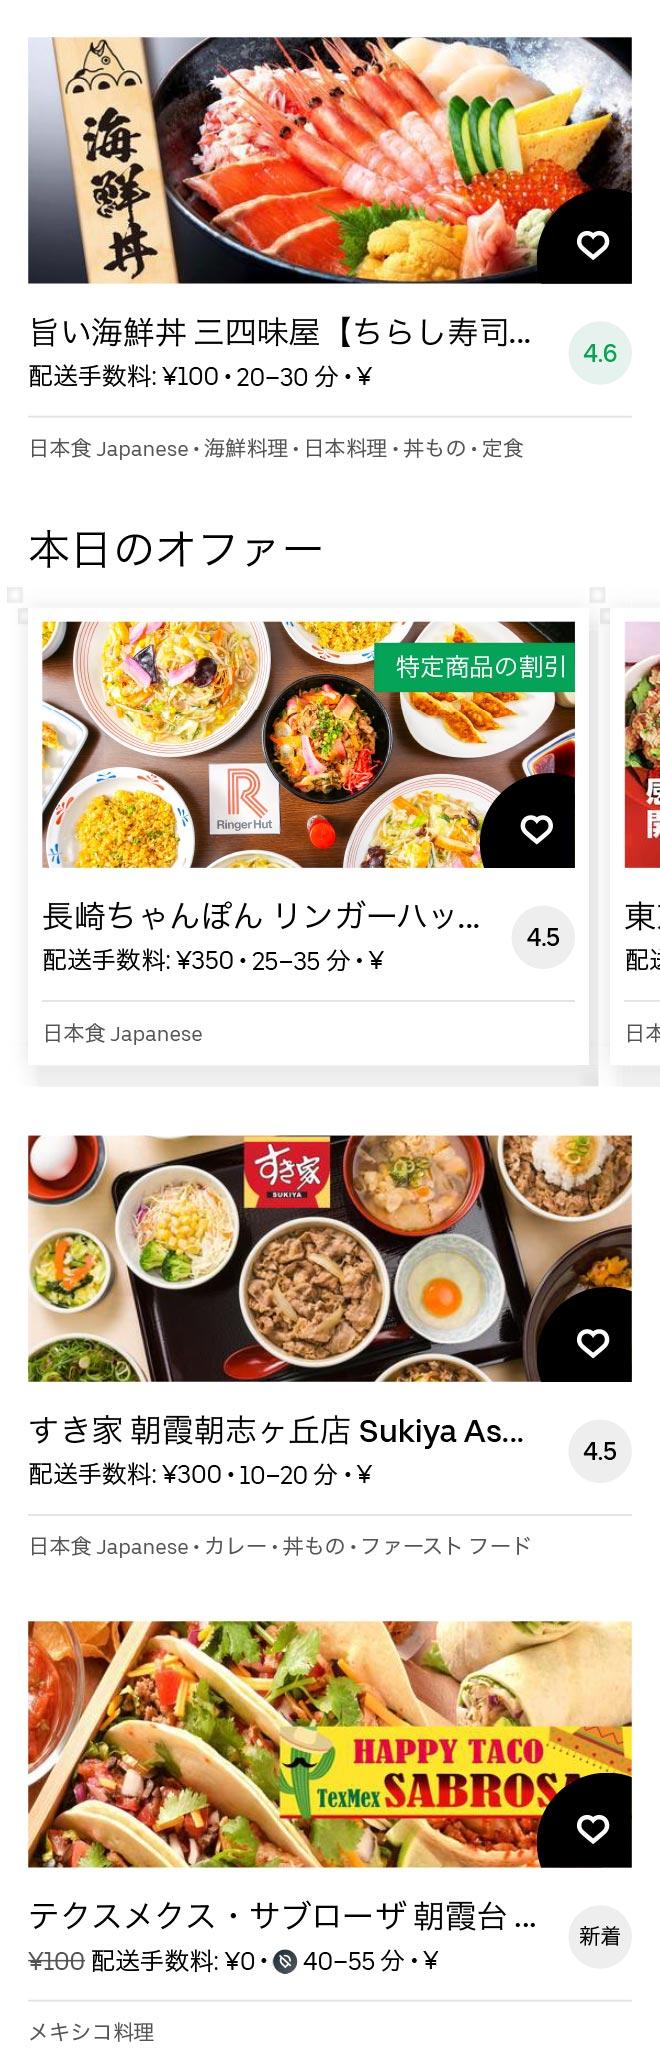 Asakadai menu 2011 06